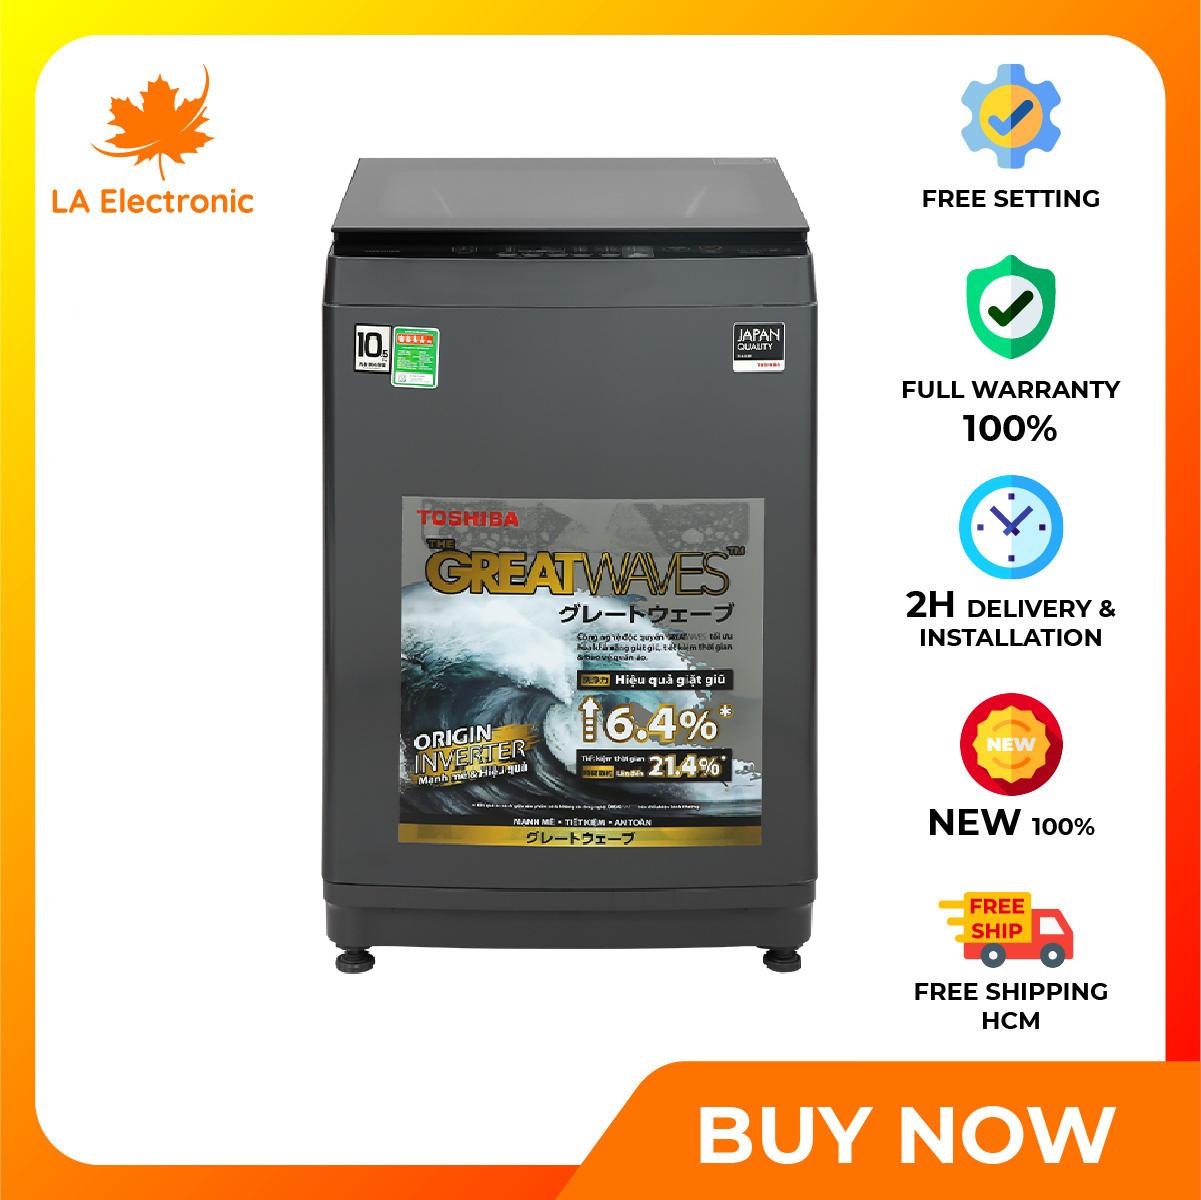 [GIAO HÀNG 2 - 15 NGÀY, TRỄ NHẤT 15.08] Máy giặt Toshiba Inverter 10,5 kg AW-DUK1150HV(MG) - Miễn phí vận chuyển HCM - Hẹn giờ bắt đầu giặtKhóa trẻ emTự khởi động lại khi có điệnVệ sinh lồng giặt